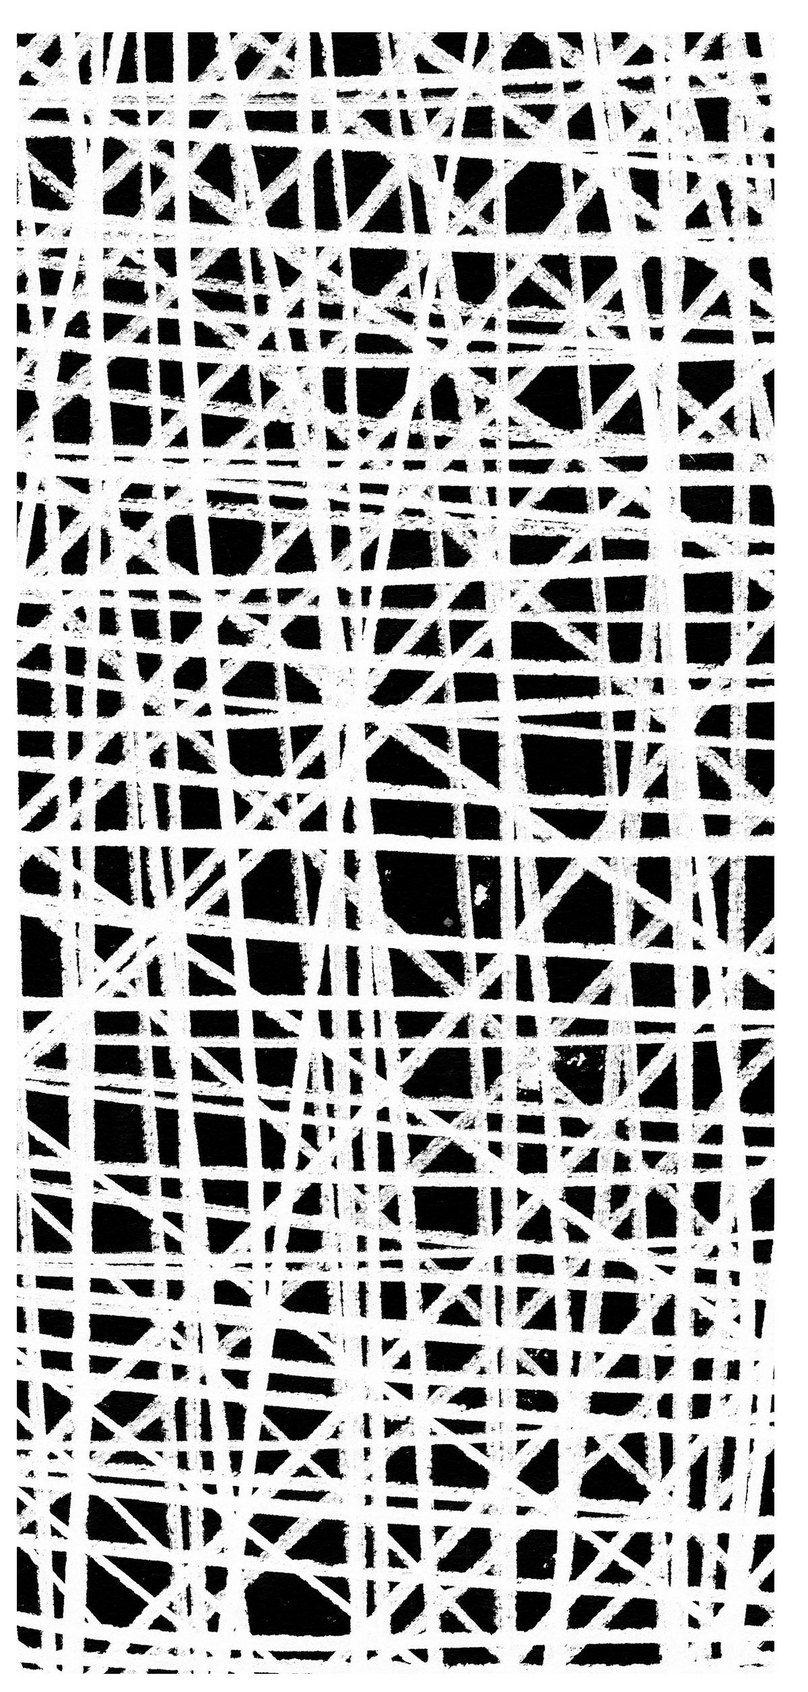 hitam putih wallpapers